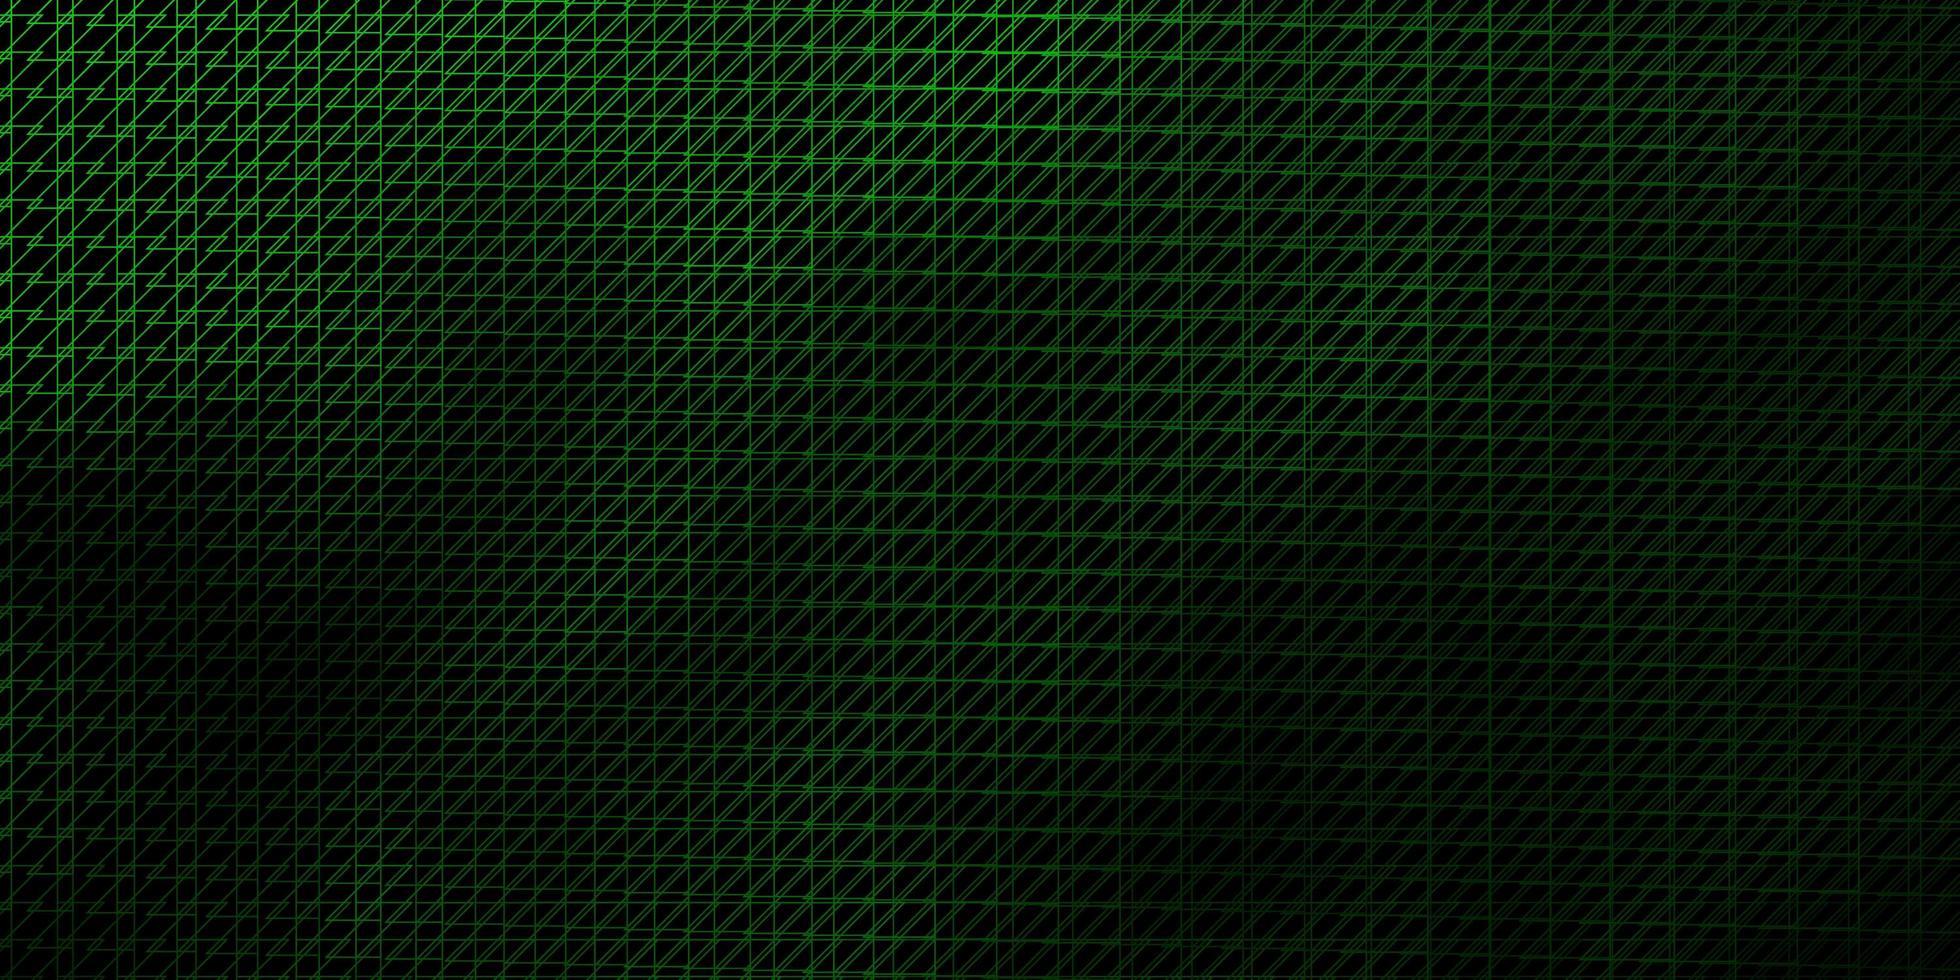 toile de fond de vecteur vert foncé avec des lignes.